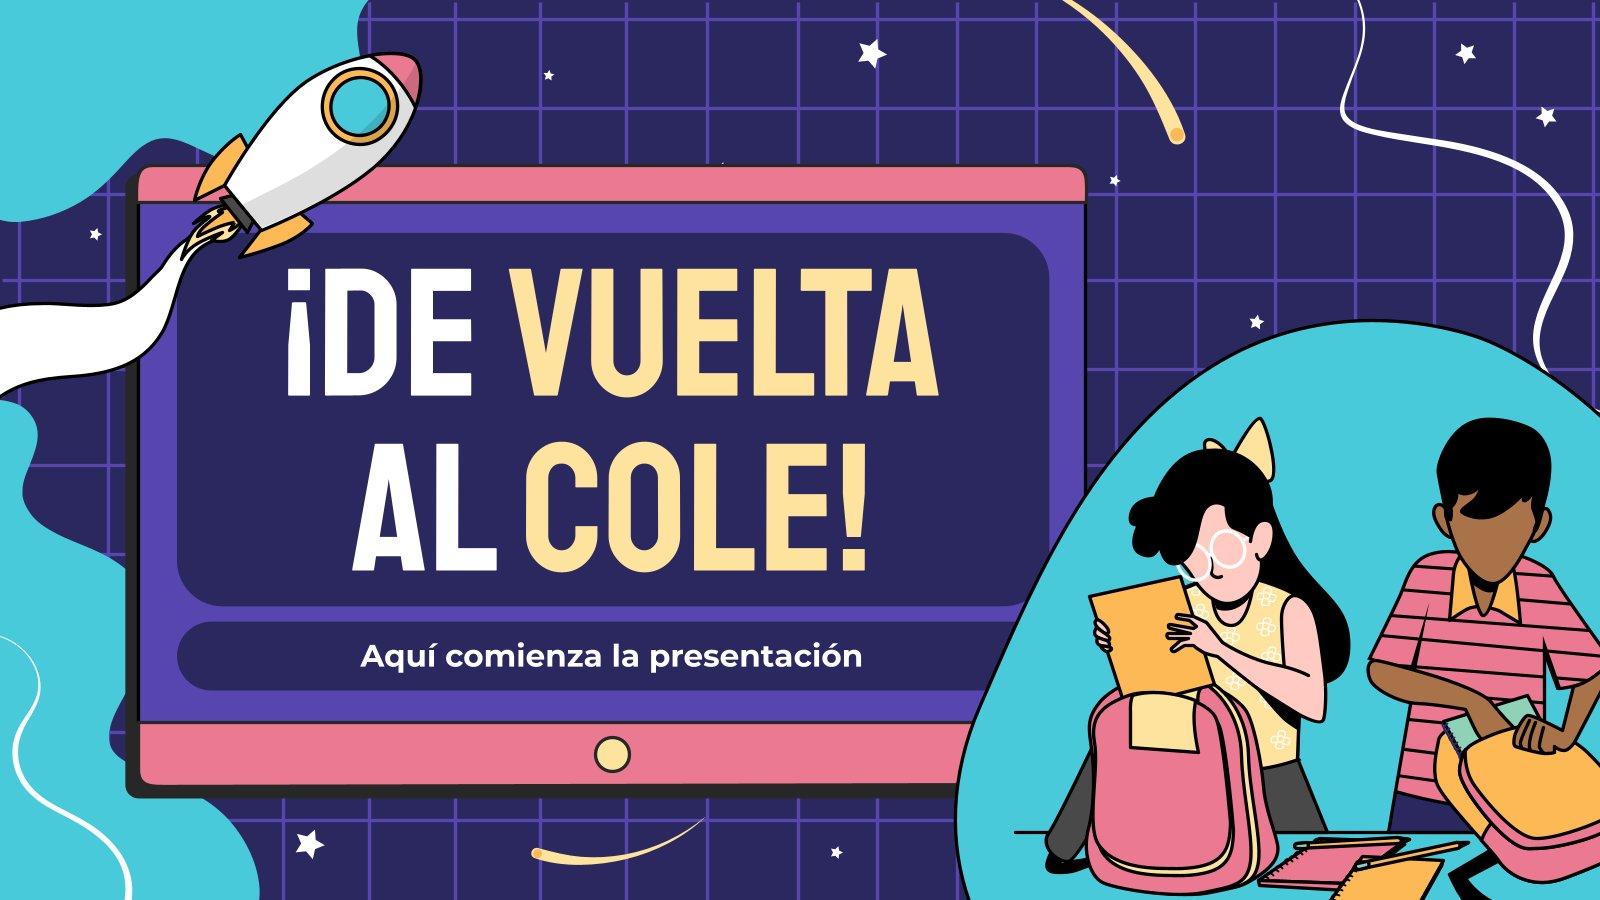 Modelo de apresentação ¡De vuelta al cole!